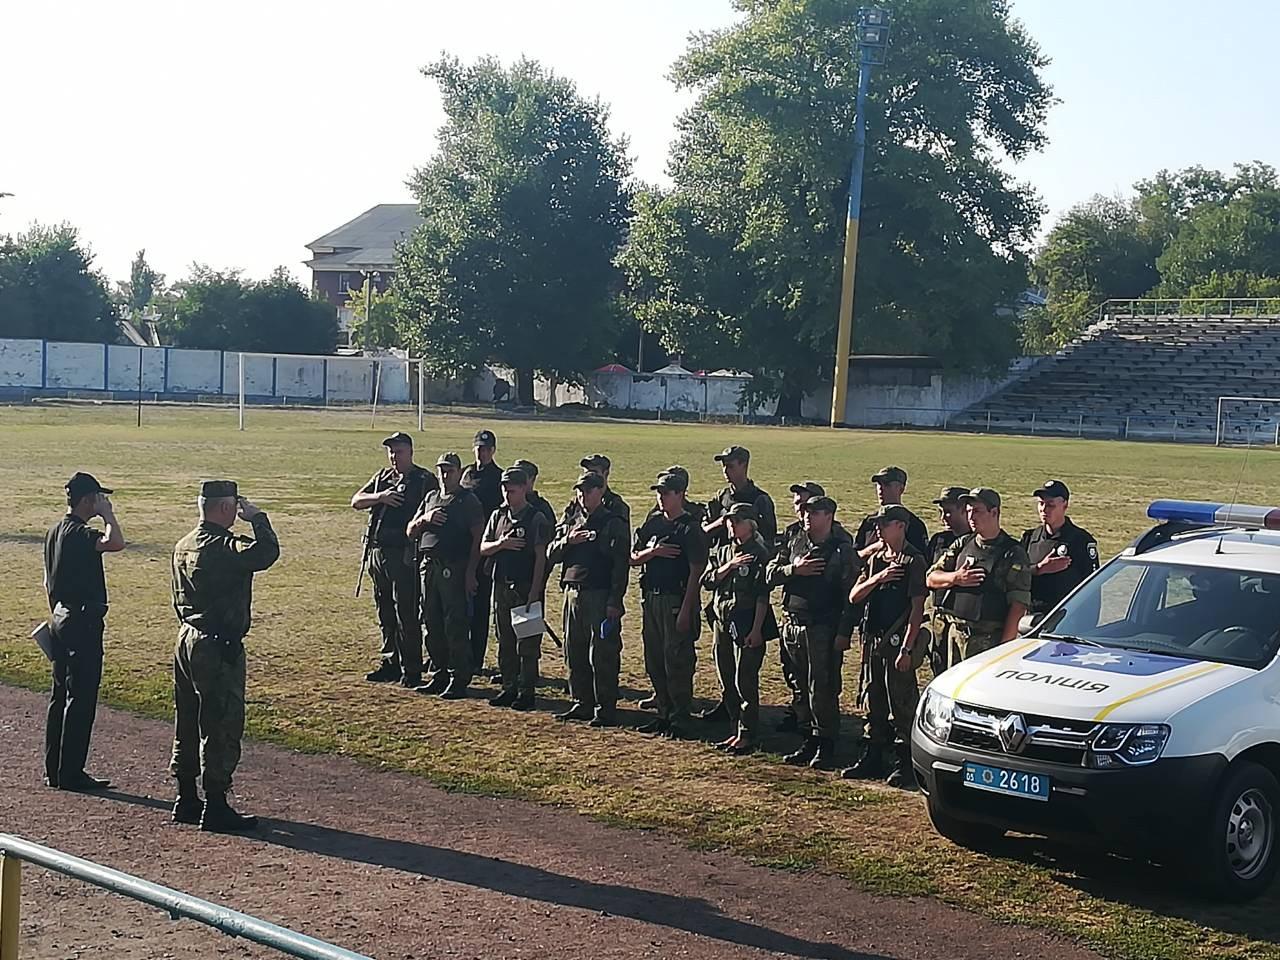 Правоохоронці Покровської оперативної зони готові до забезпечення правопорядку на День міста та День шахтаря, фото-13